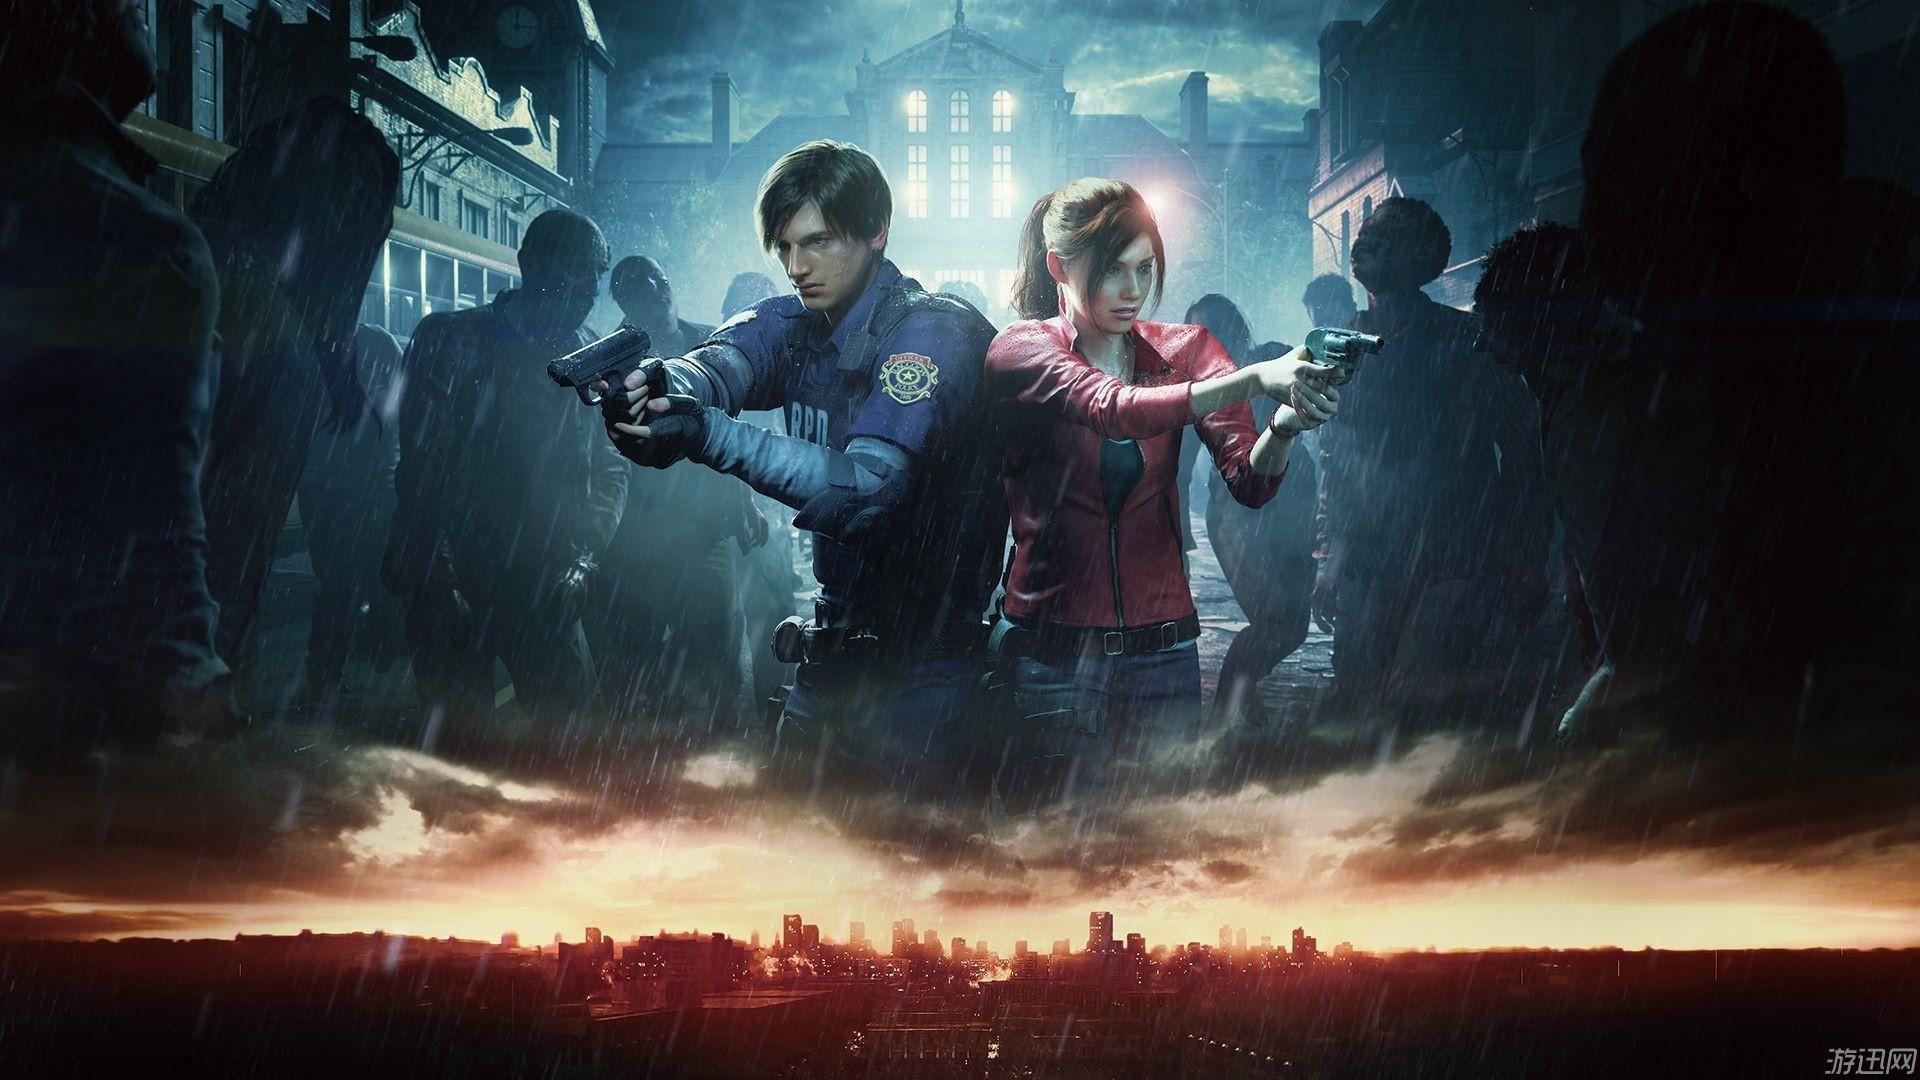 《惡靈古堡2》銷量或將創新高 與諸多生化作品有聯繫 | 電玩狂人